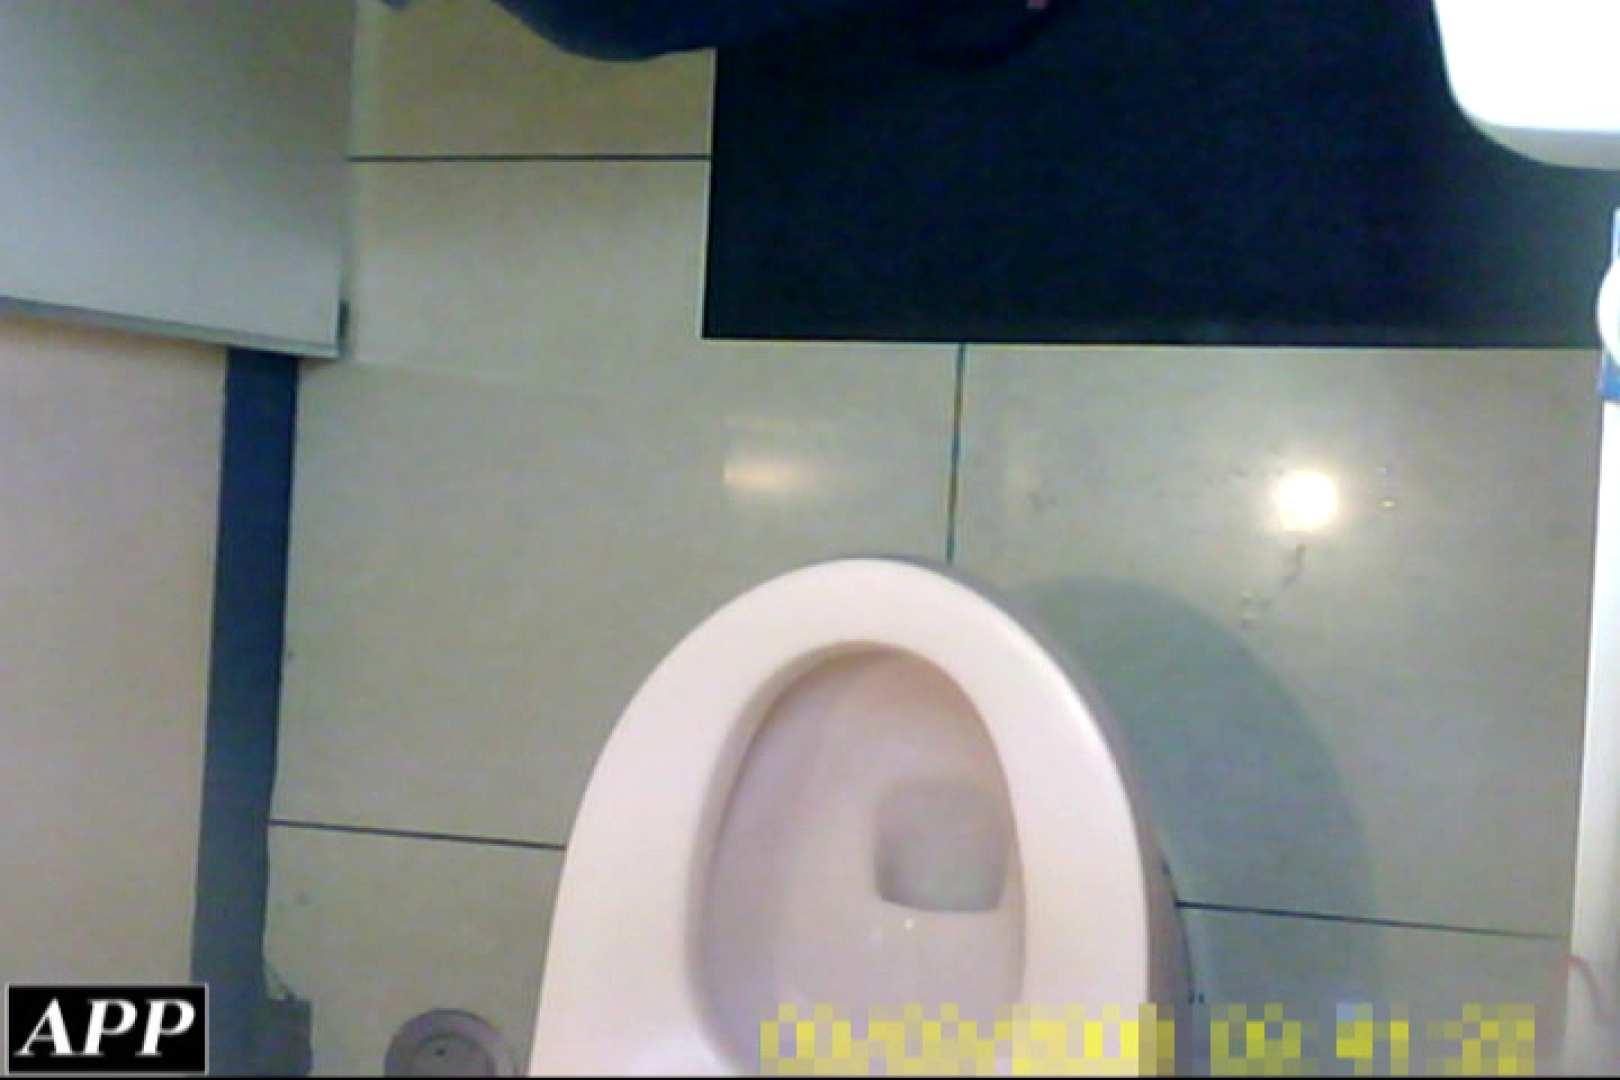 3視点洗面所 vol.139 洗面所のぞき オマンコ動画キャプチャ 108枚 60